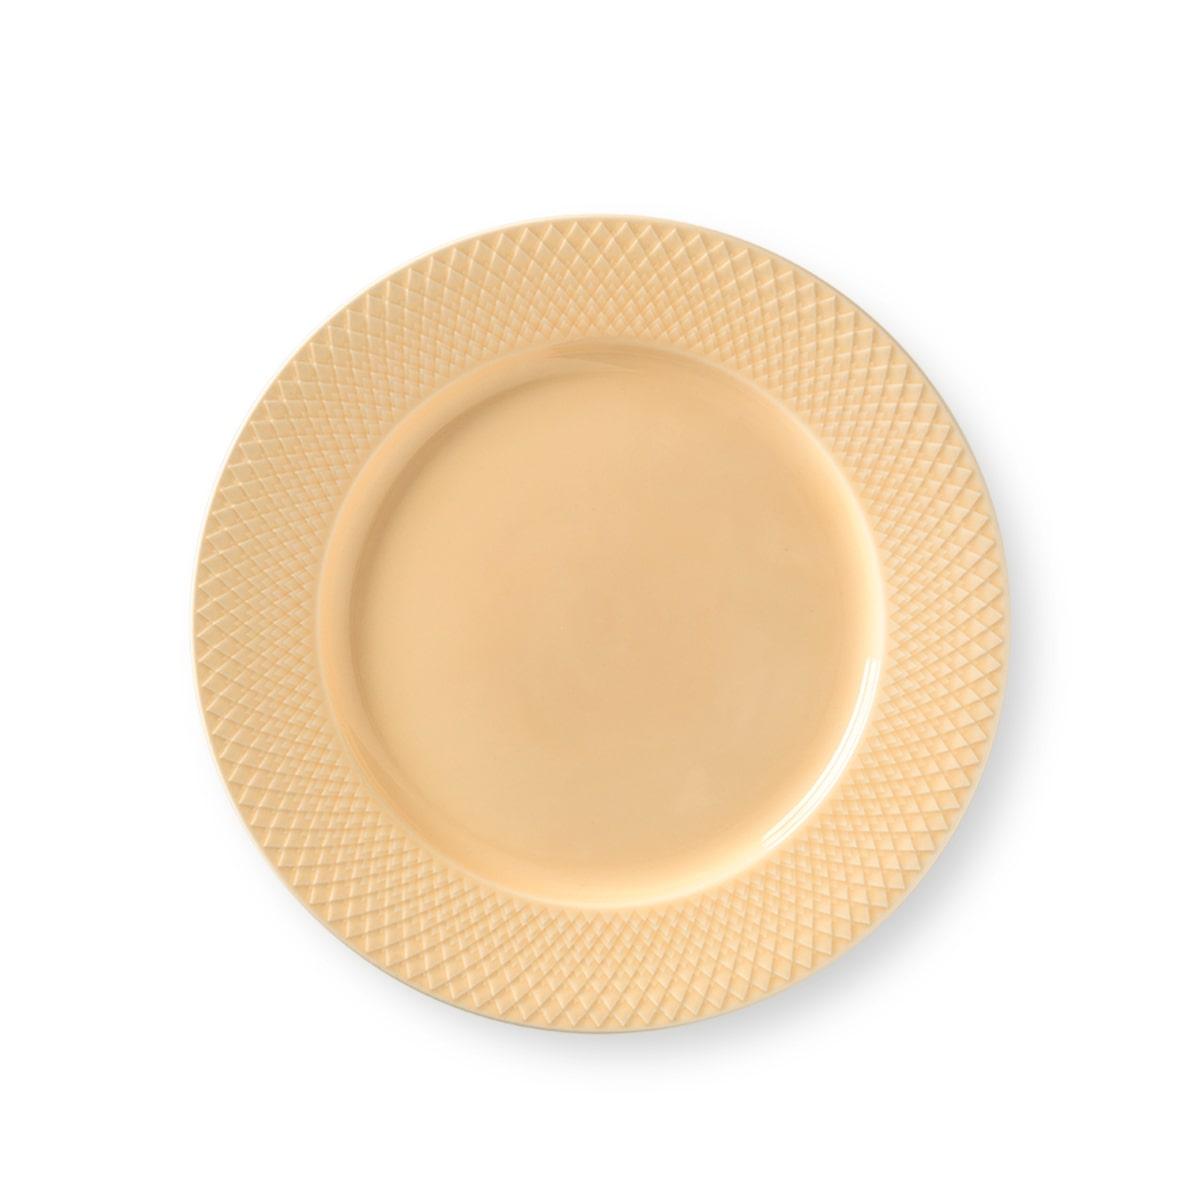 Lyngby Porcelæn Rhombe Color middagstallerken, Ø27 cm, sand